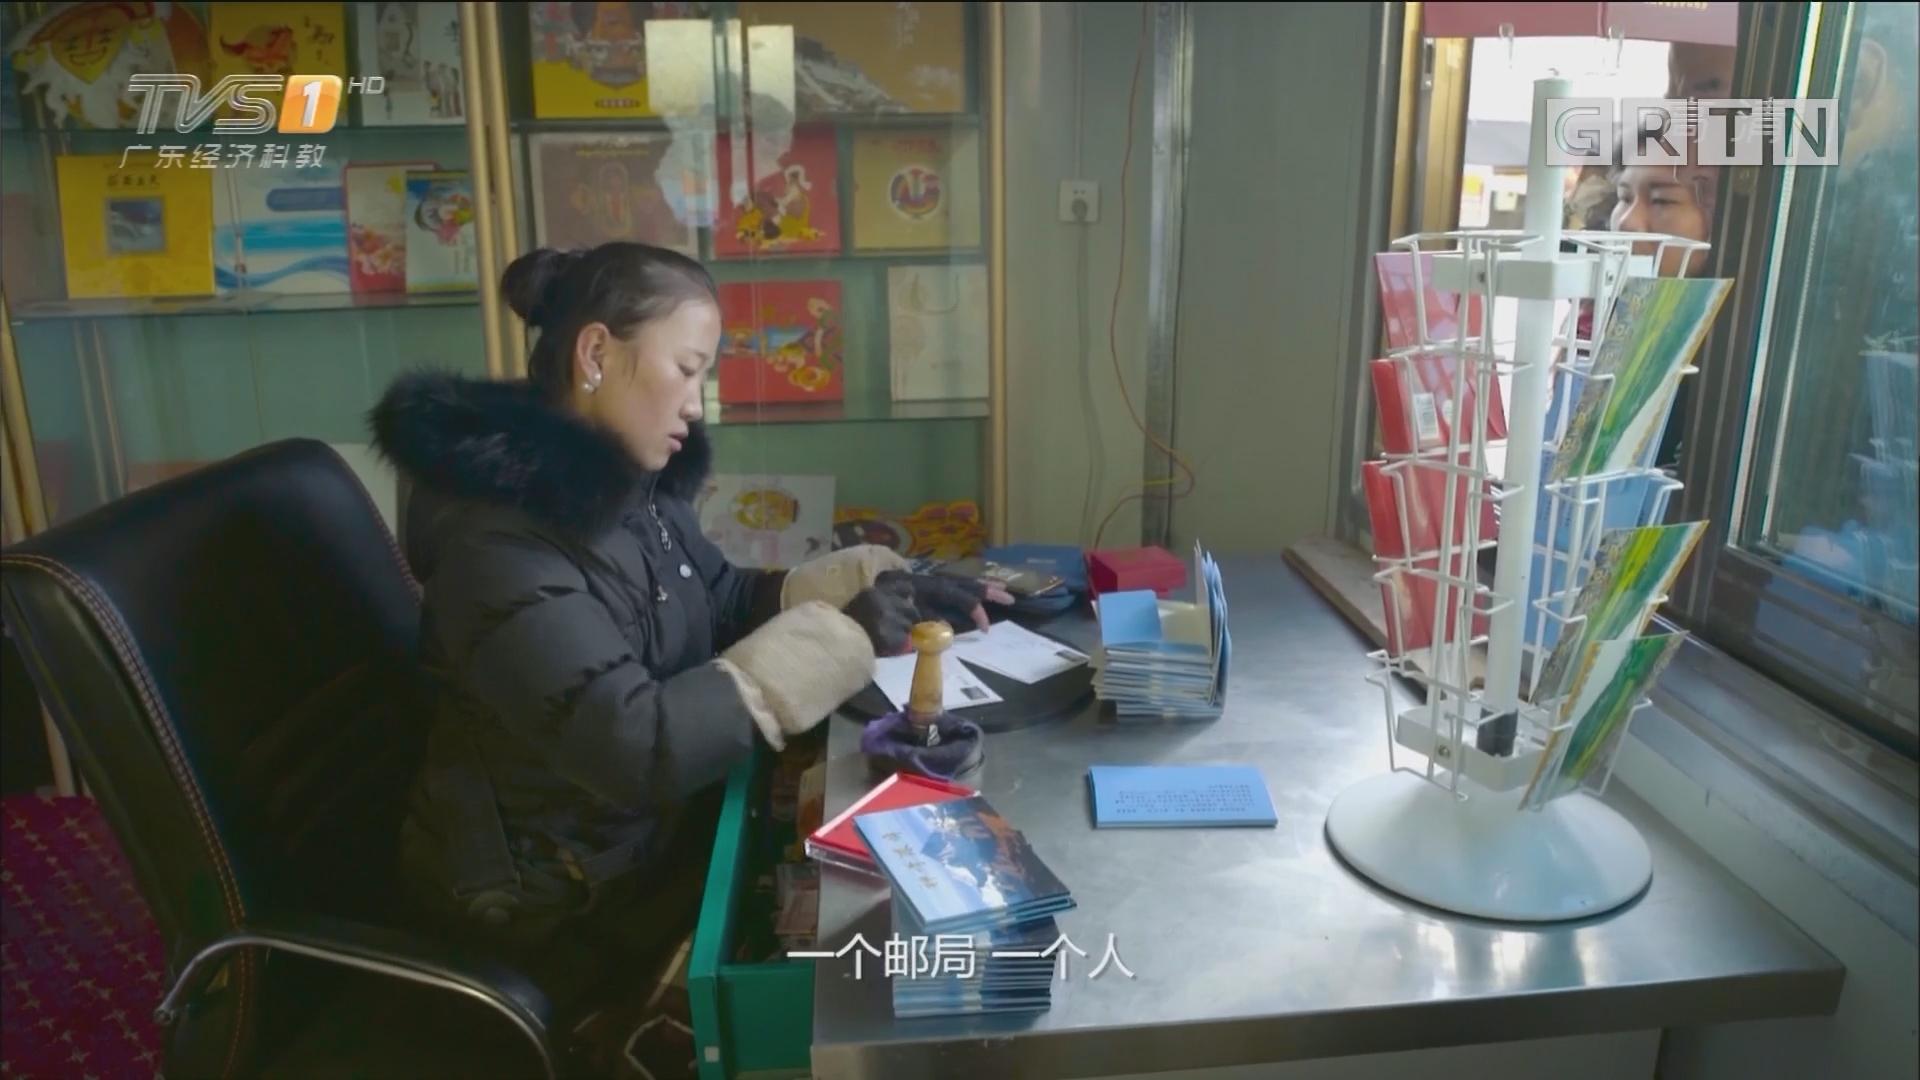 西藏拉萨——珠峰邮局